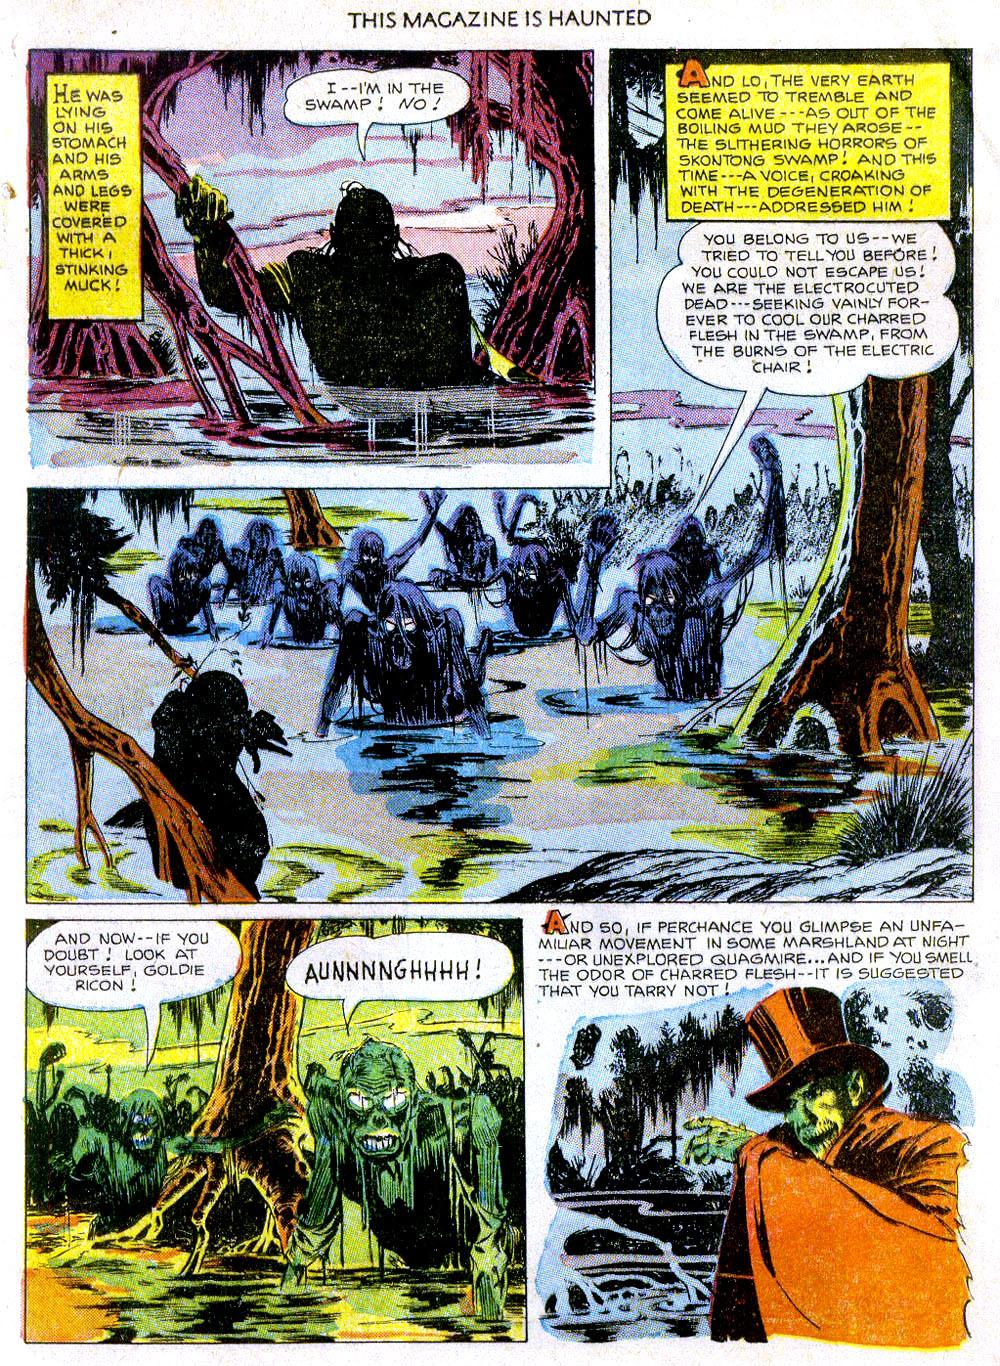 SkontongSwamp11